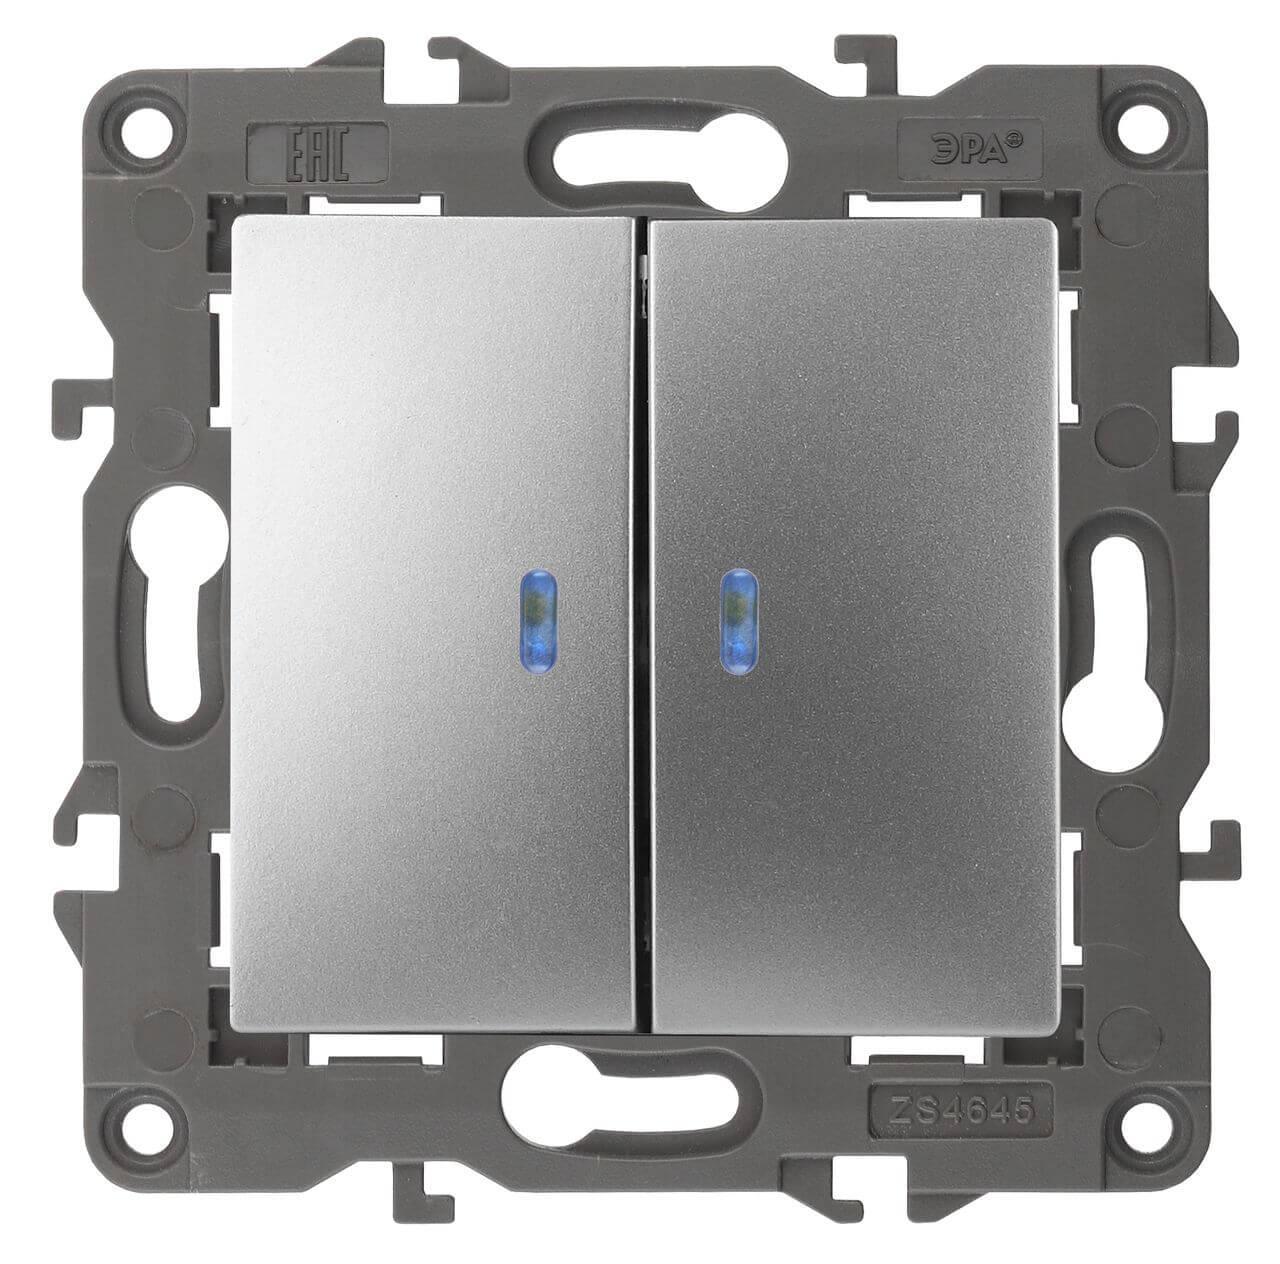 Выключатель двухклавишный с подсветкой ЭРА Elegance 10AX 250V 14-1105-03 цены